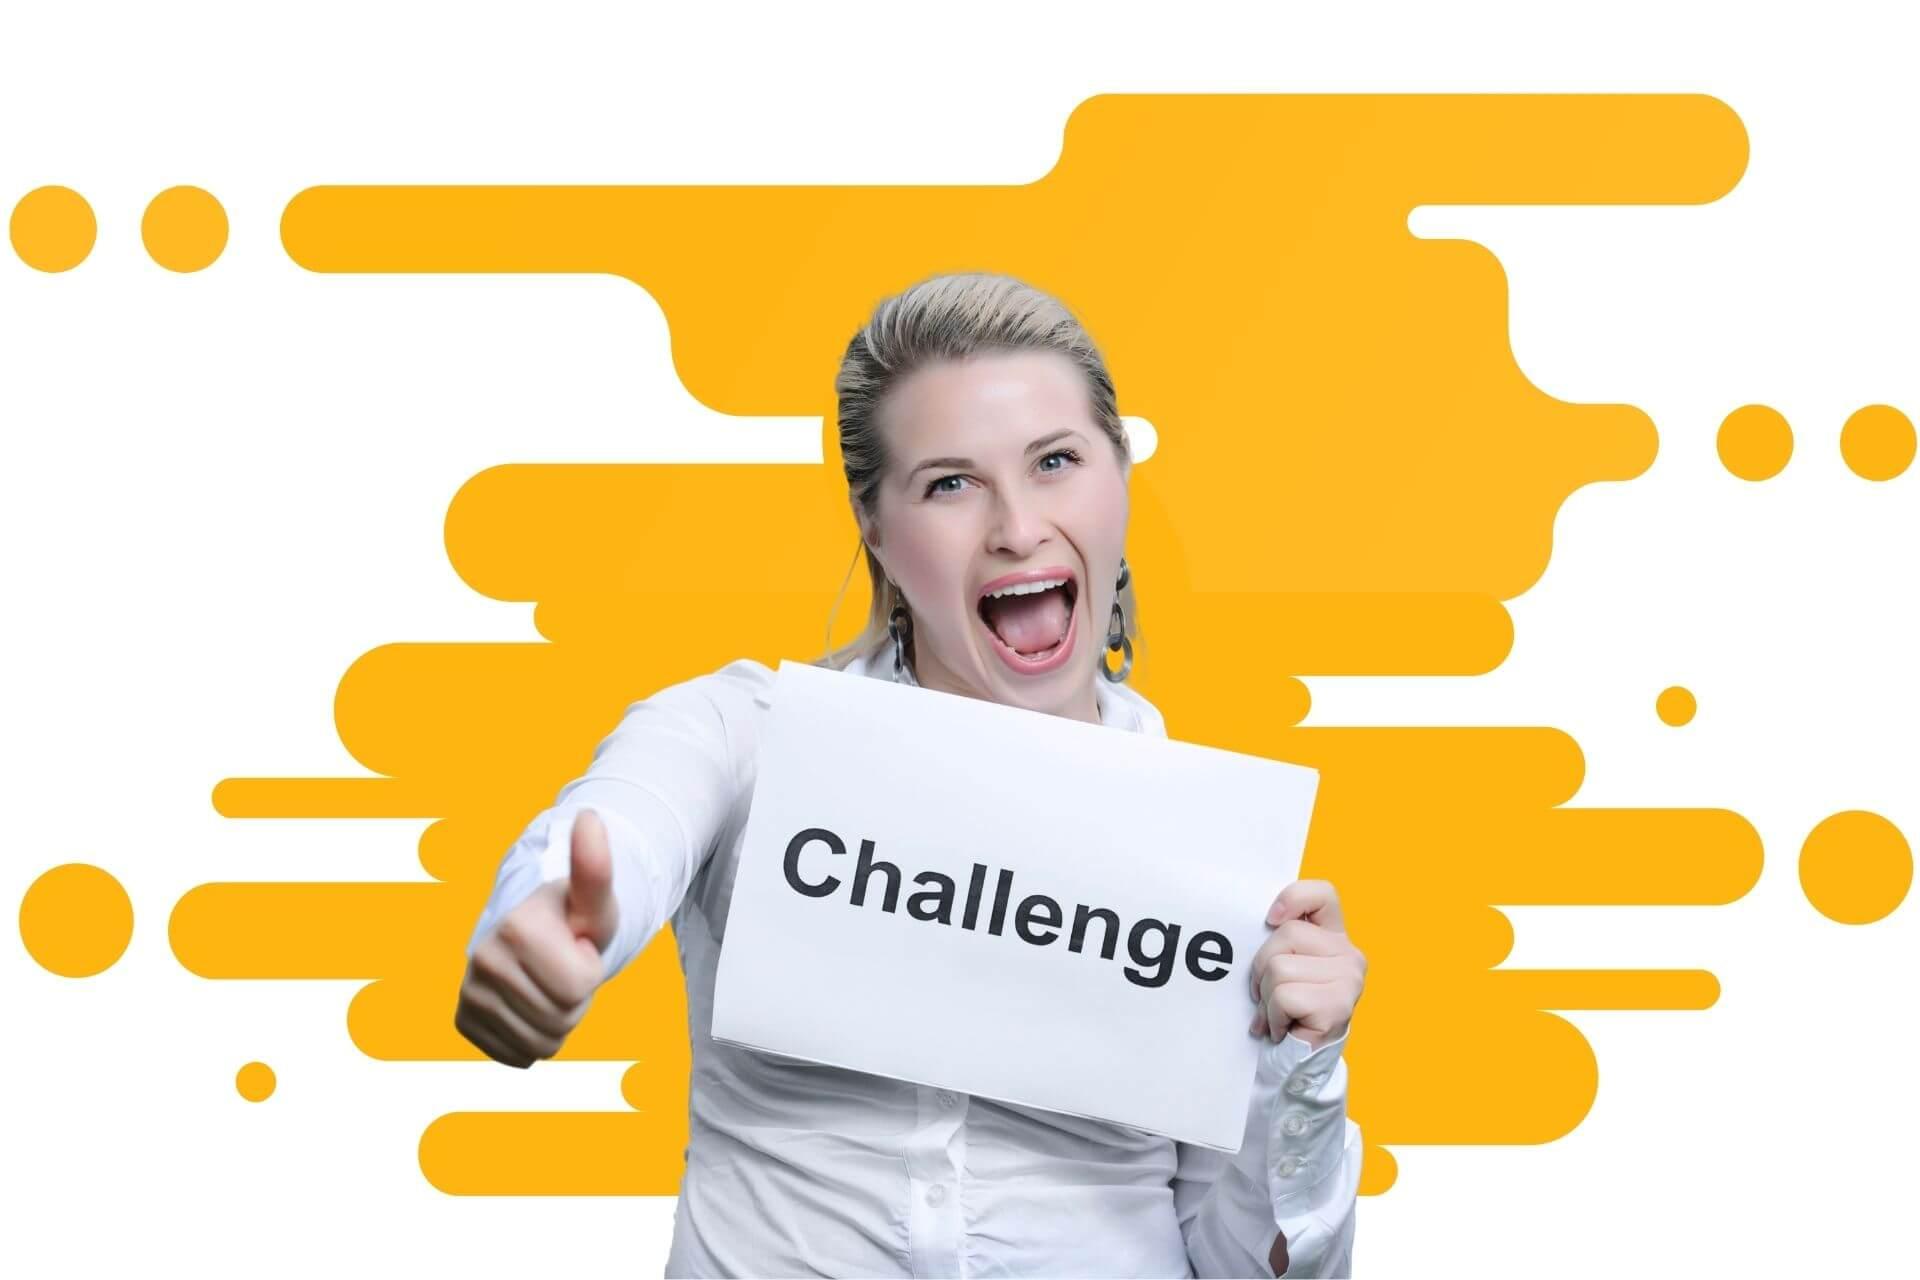 le challenge-based learning